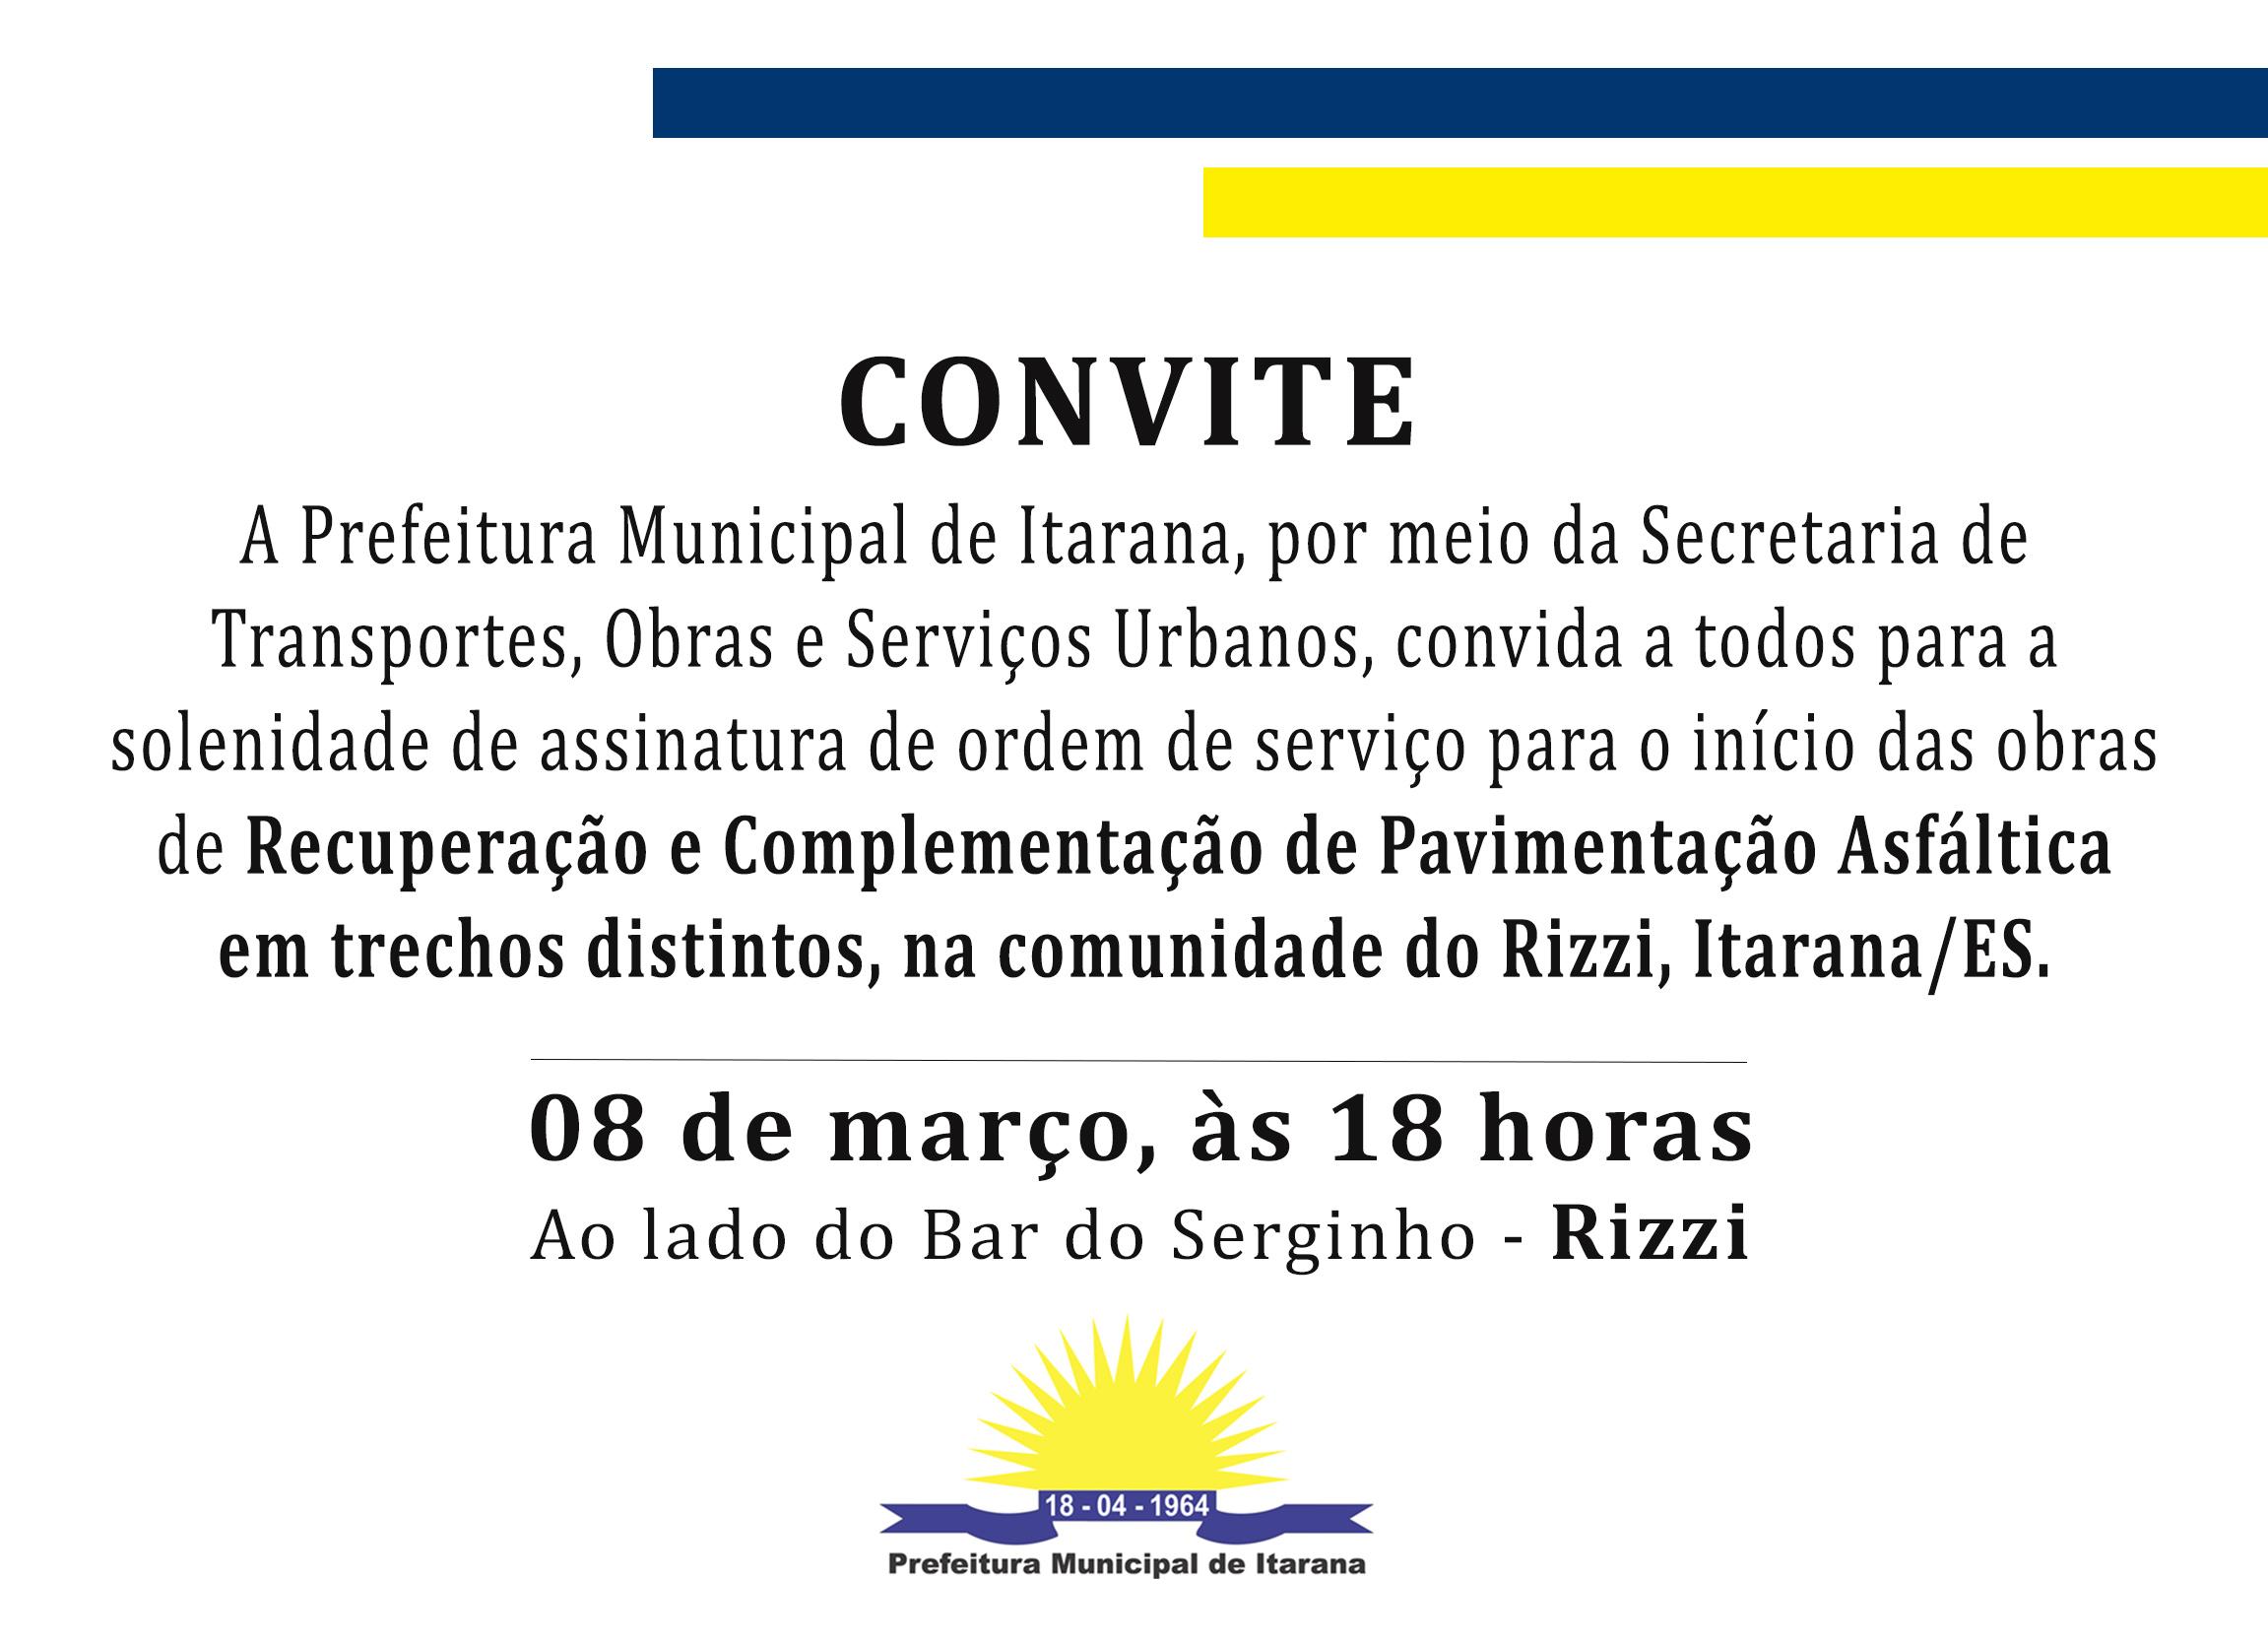 Convite: assinatura de ordem de serviço para obras de recuperação do asfalto no Rizzi